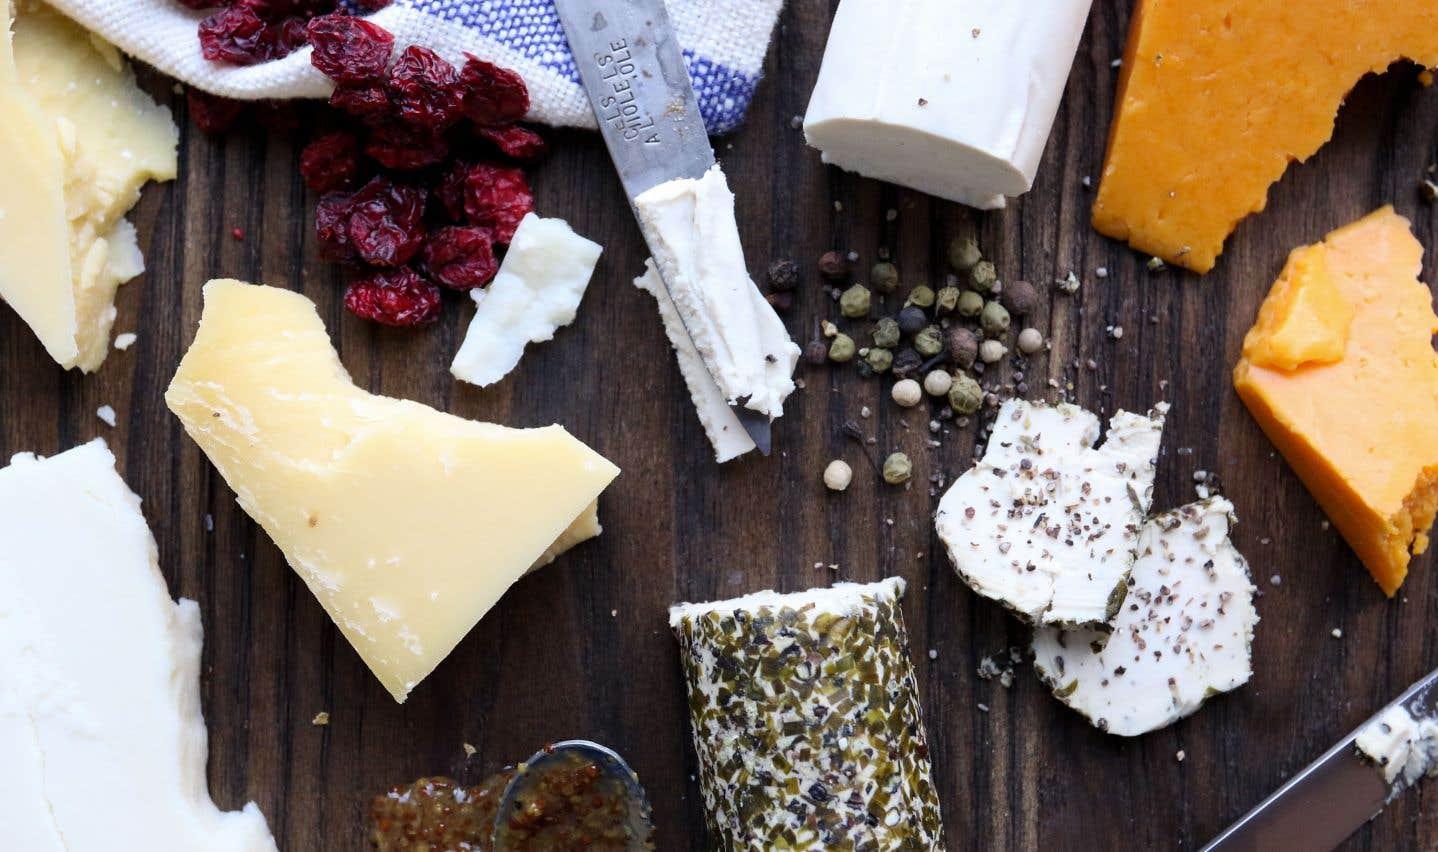 Les «vromages» constituent une bonne option pour remplacer un fromage de lait, selon la Dreen nutrition Karine Gravel. «Ils contiennent généralement moins de gras et pas de cholestérol, mais moins de protéines, moins de calcium et pas de vitamine A.»